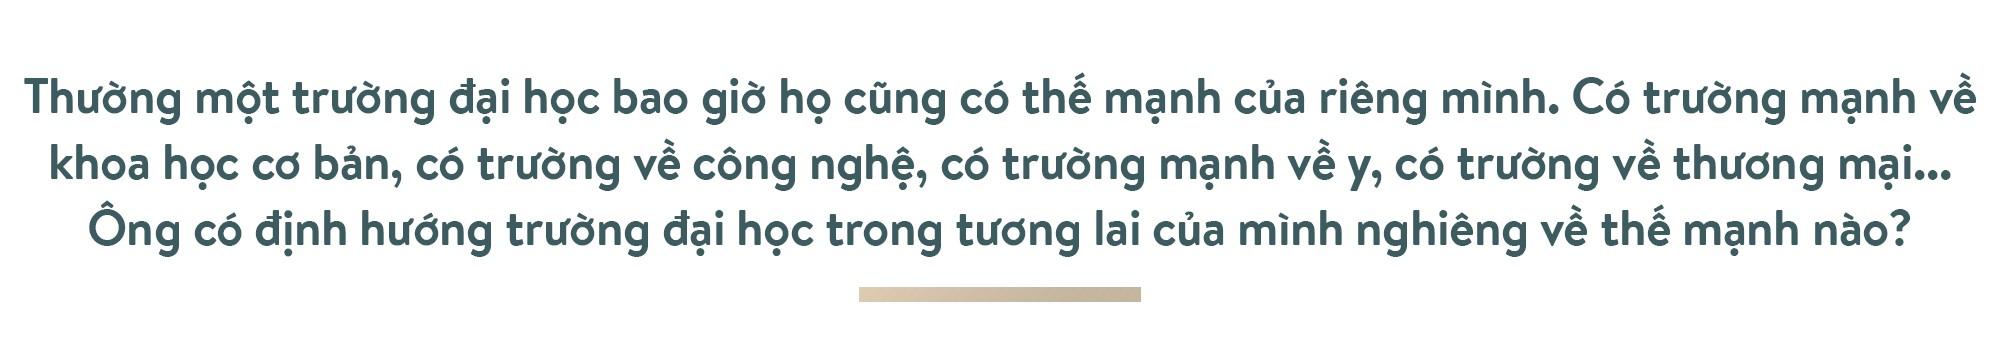 Ông Phạm Nhật Vượng: Thế giới phải biết Việt Nam trí tuệ, đẳng cấp - Ảnh 15.